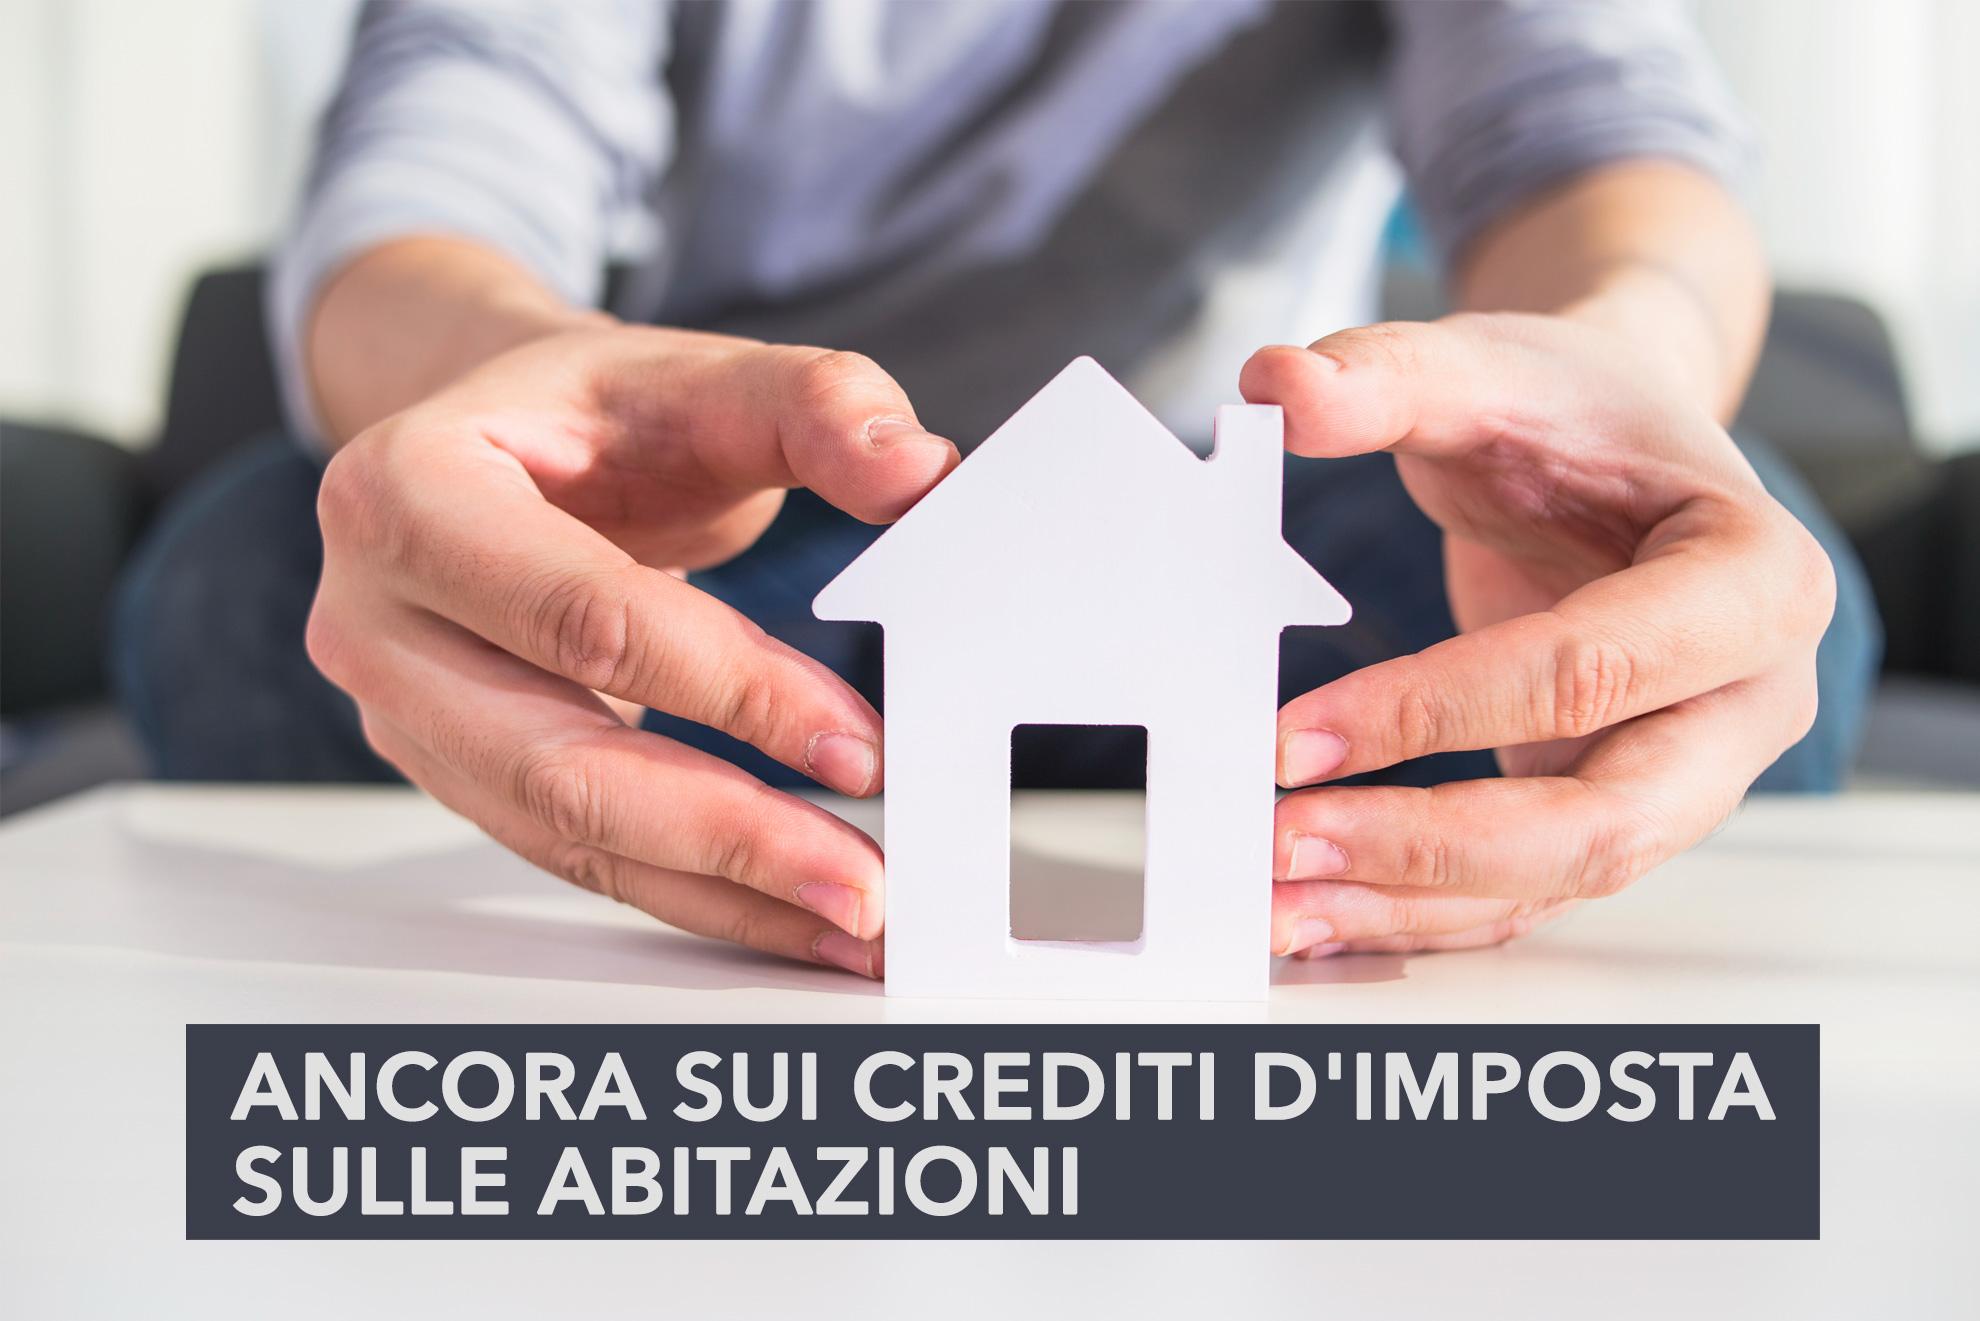 Ancora sui crediti d'imposta sulle abitazioni